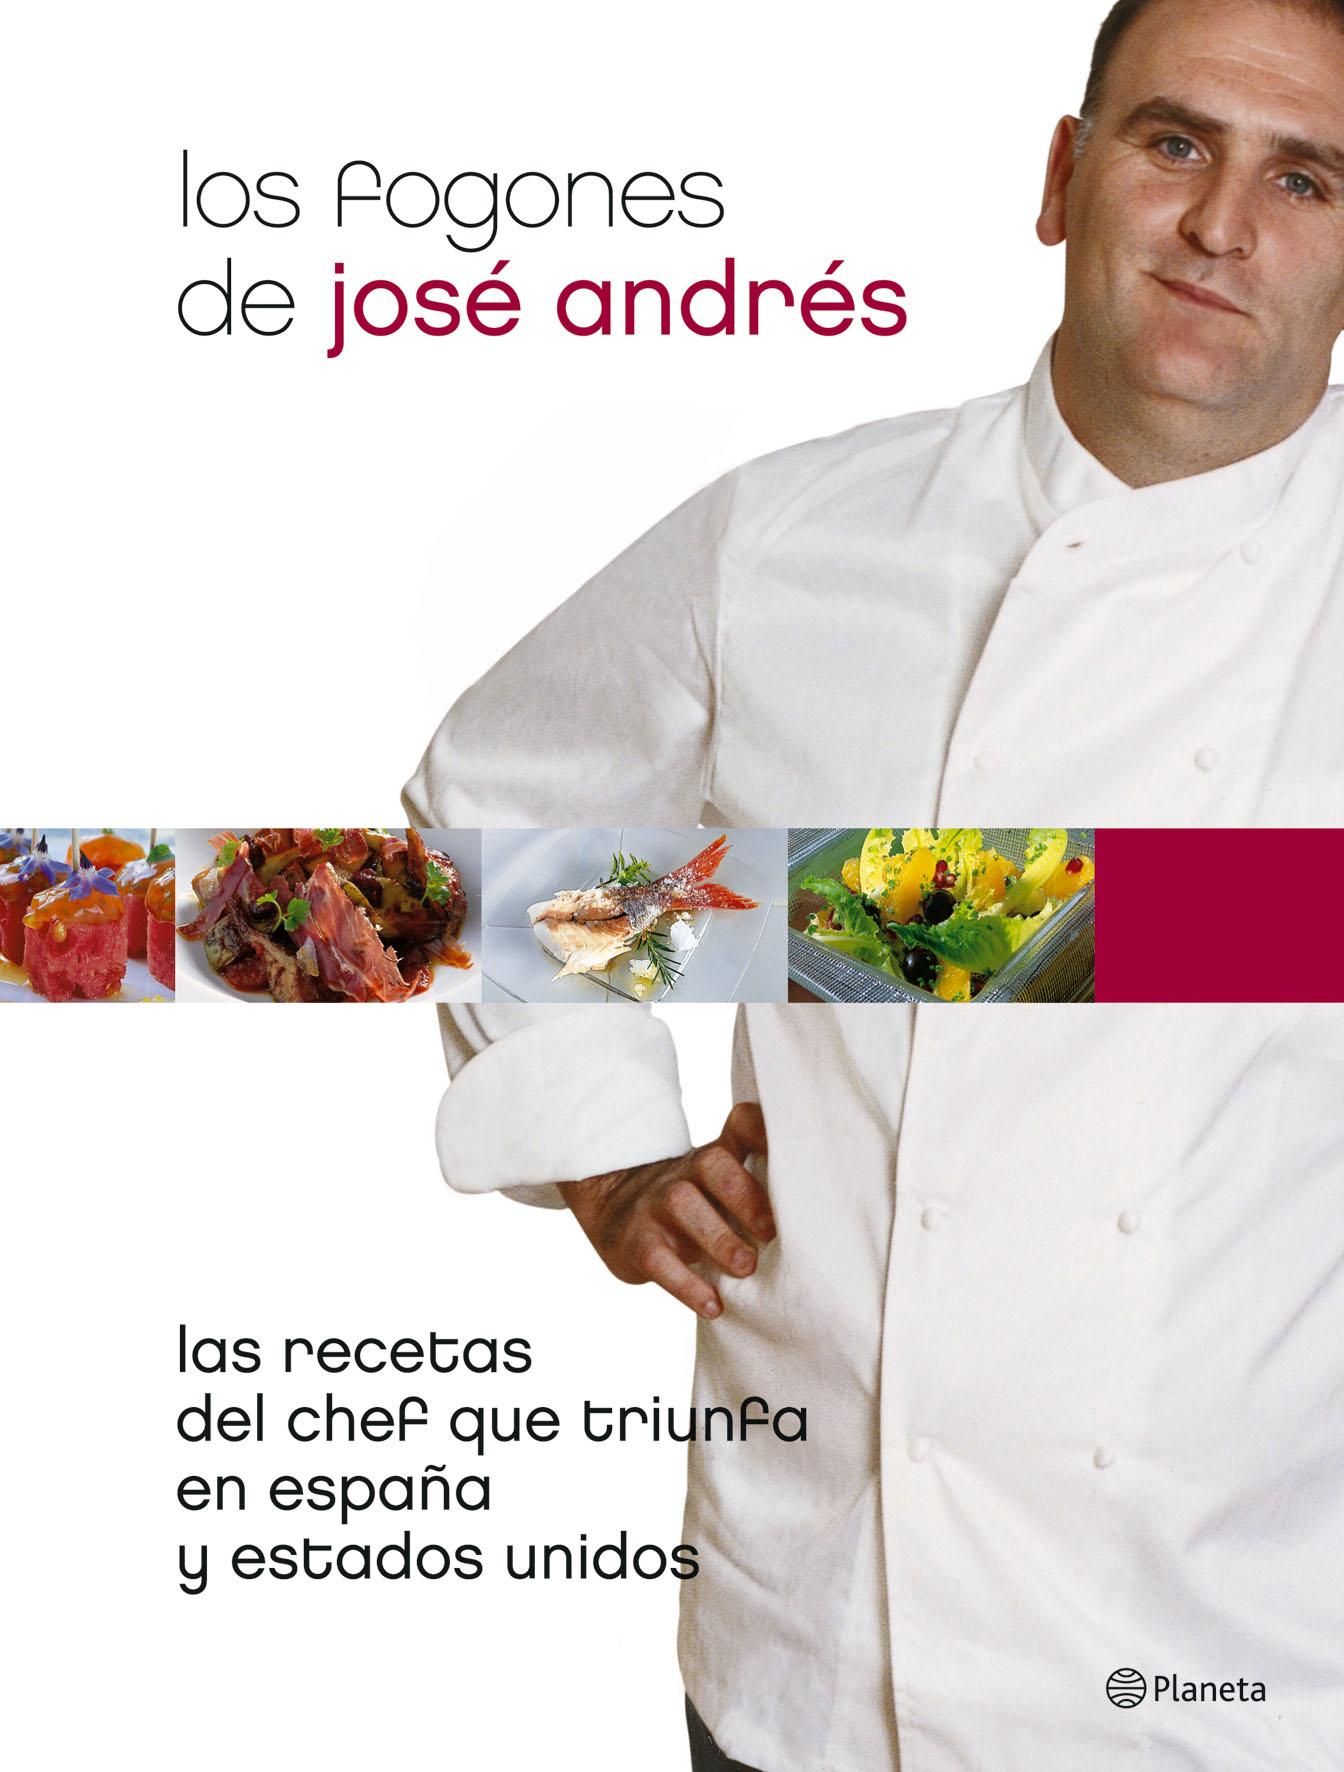 Los Fogones De Jose Andres: Las Recetas Del Chef Español Que Triu Nfa por Jose Andres epub